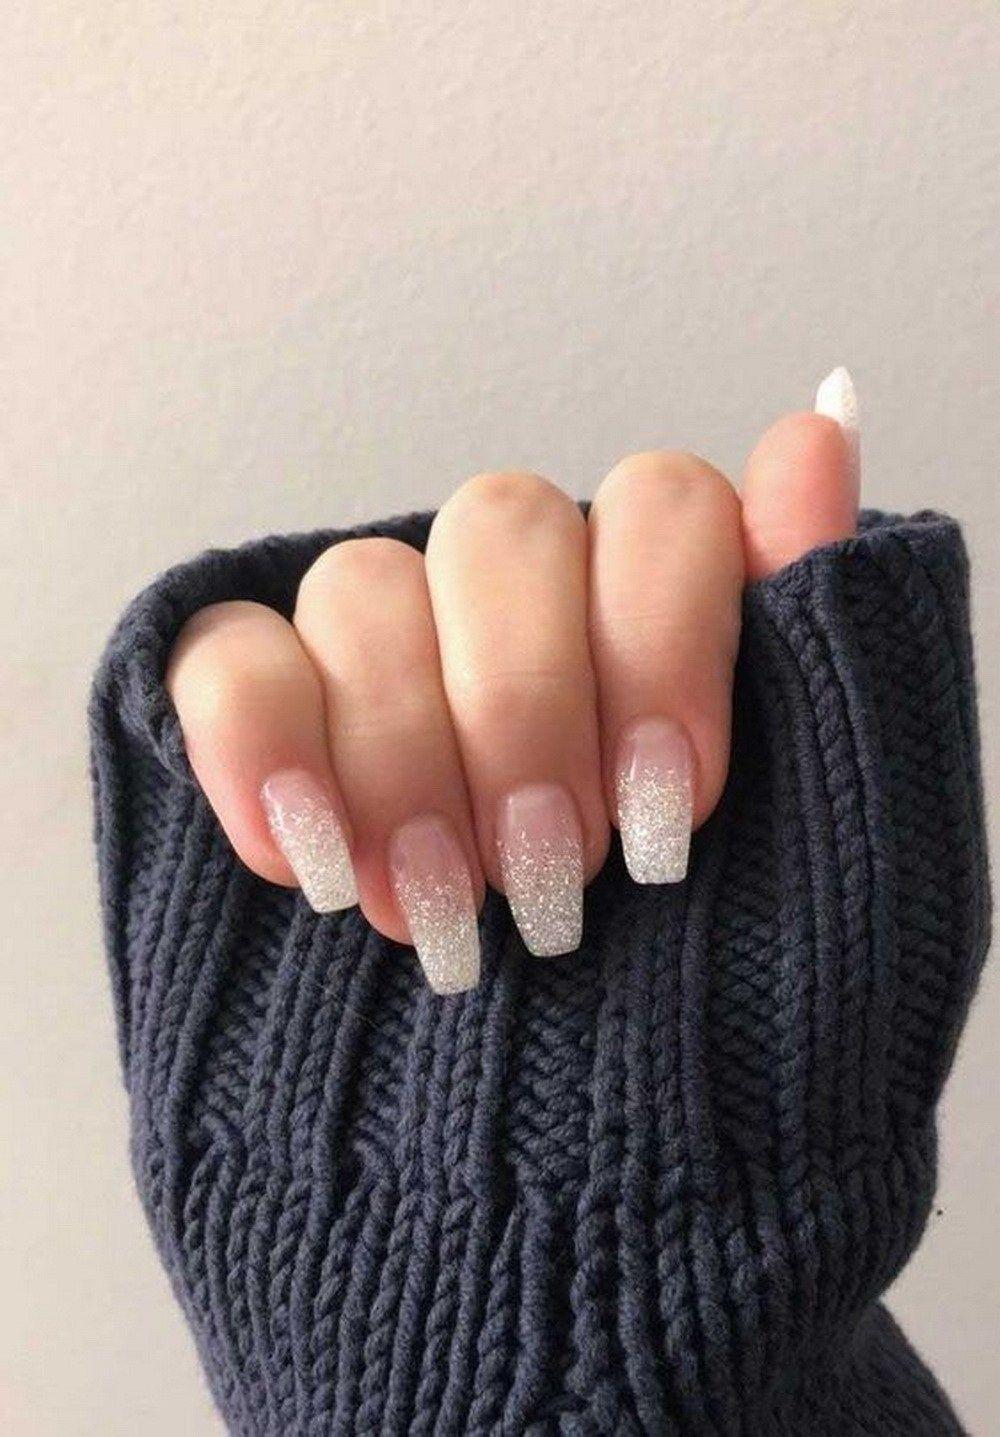 Photo of 25 elegantes ideas de arte de uñas blancas que te encantarán para el invierno